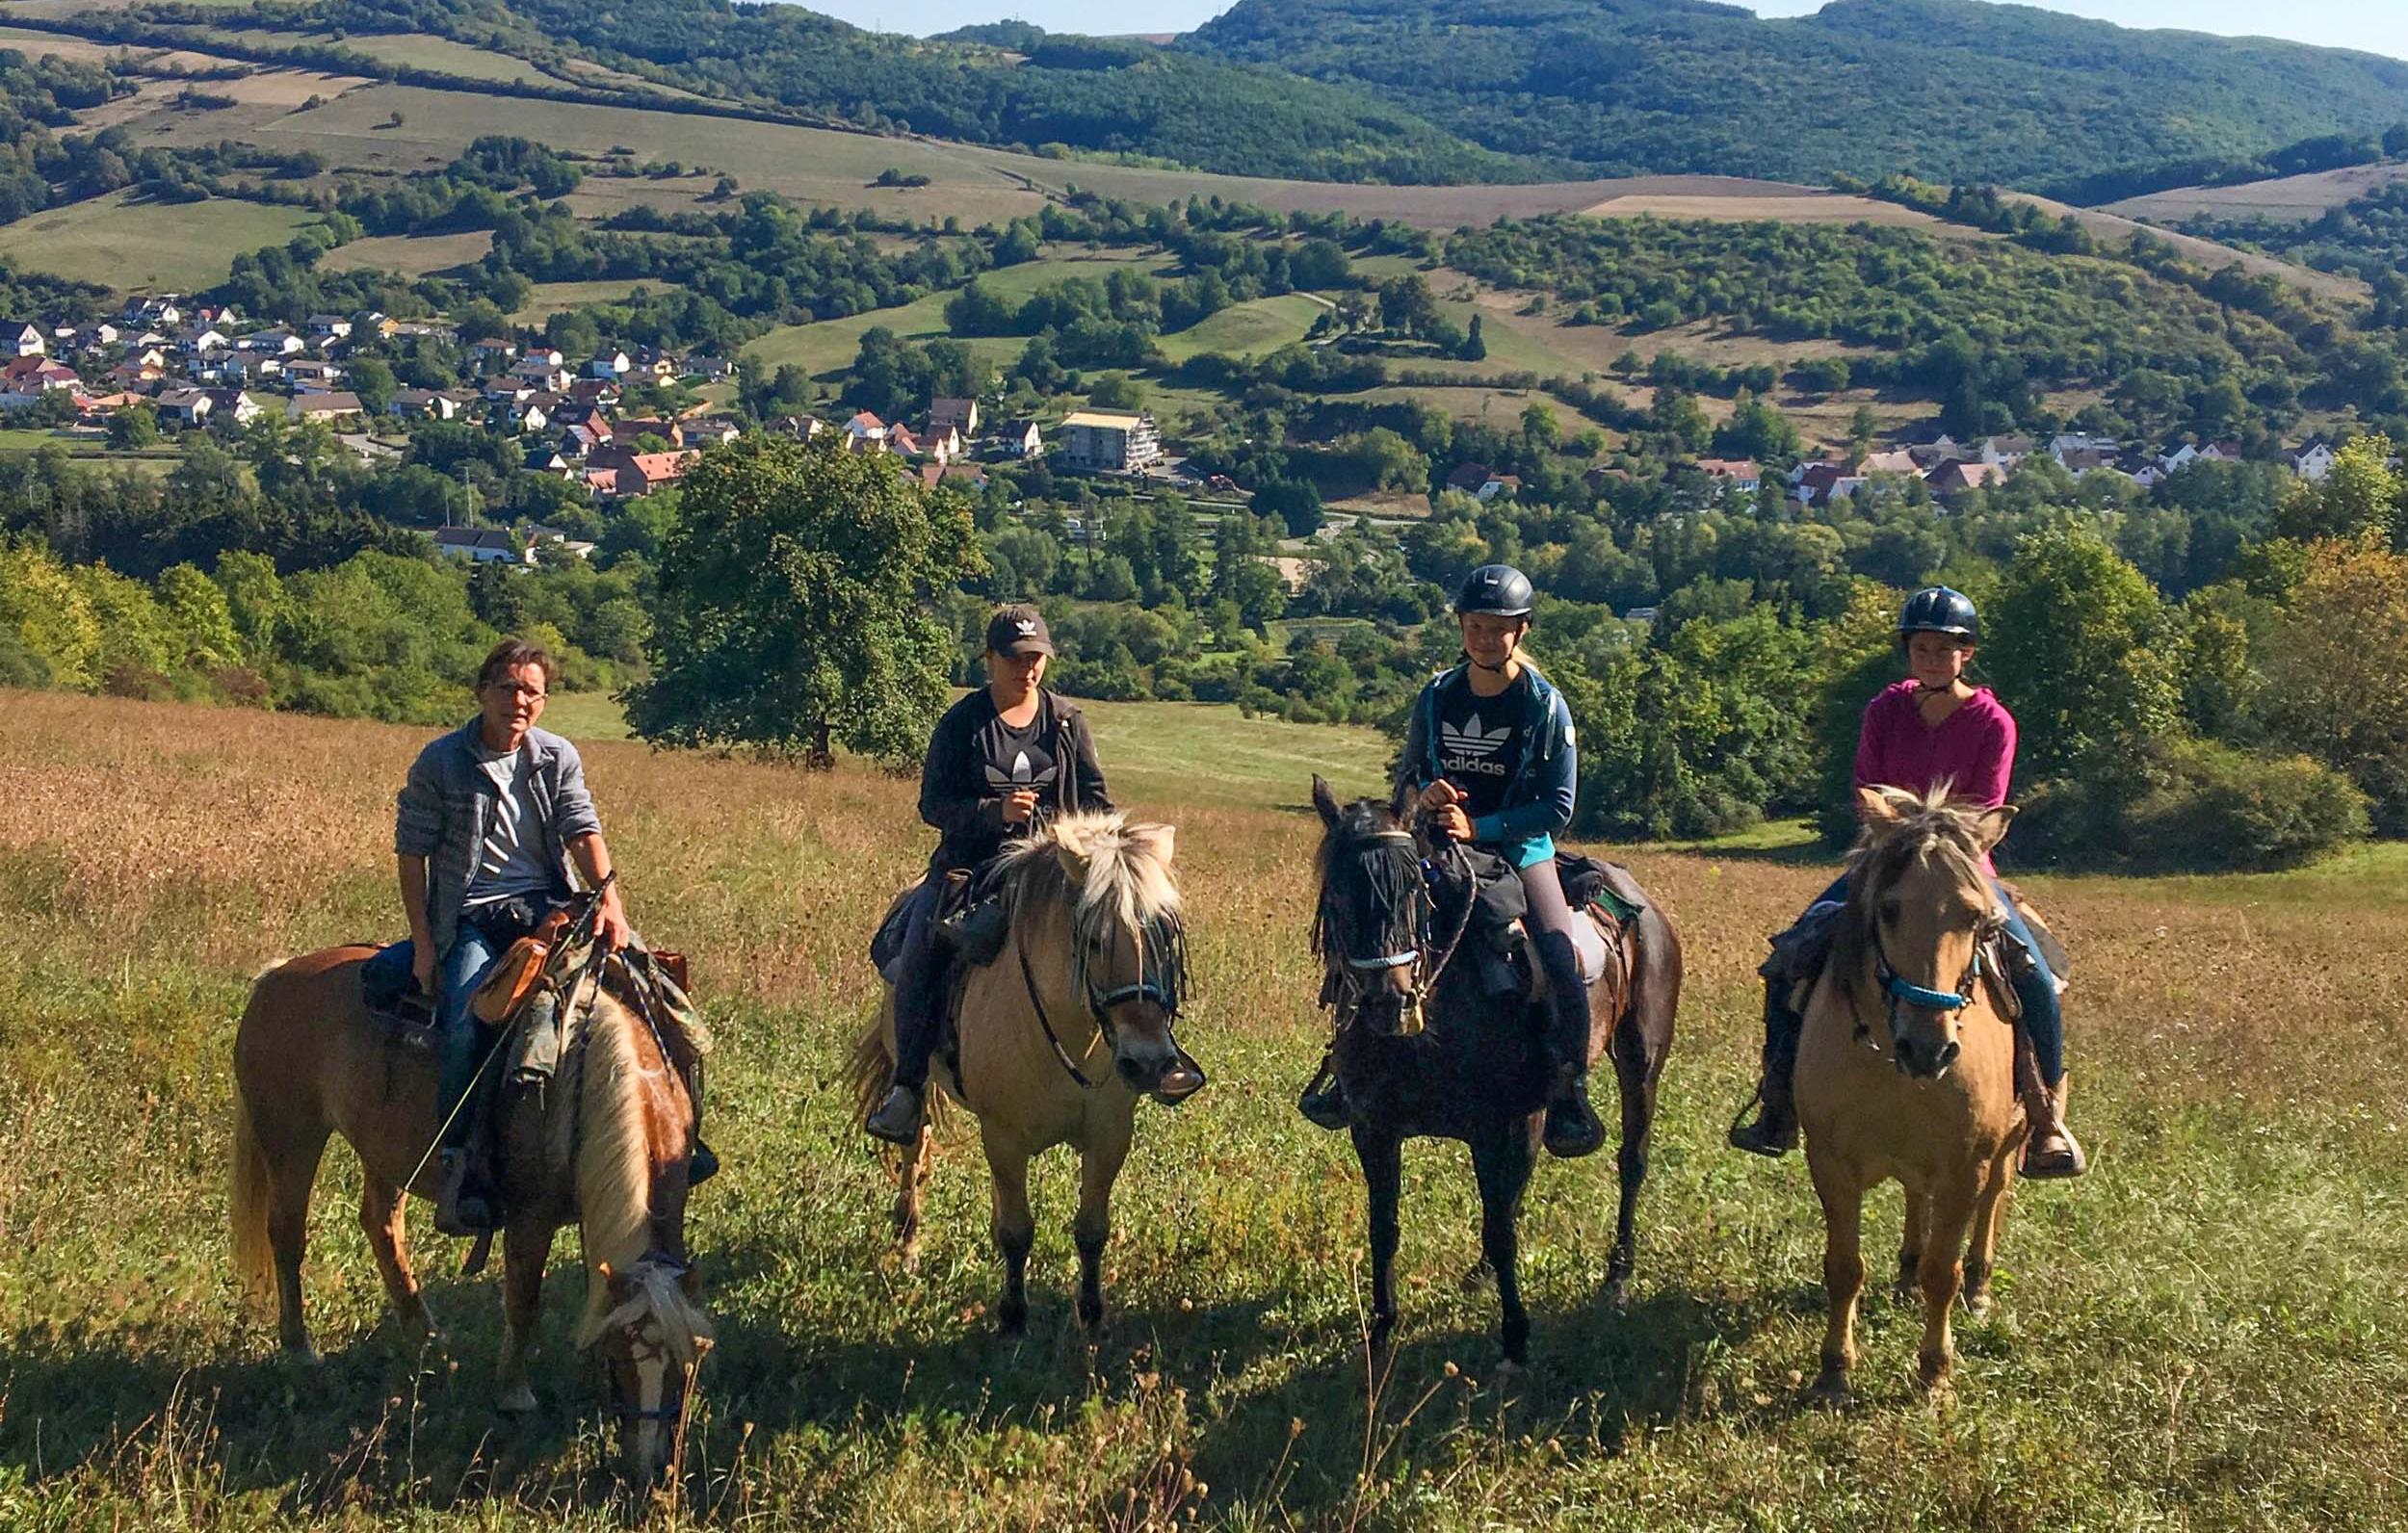 pferde-abenteuer-aschbach-bg6